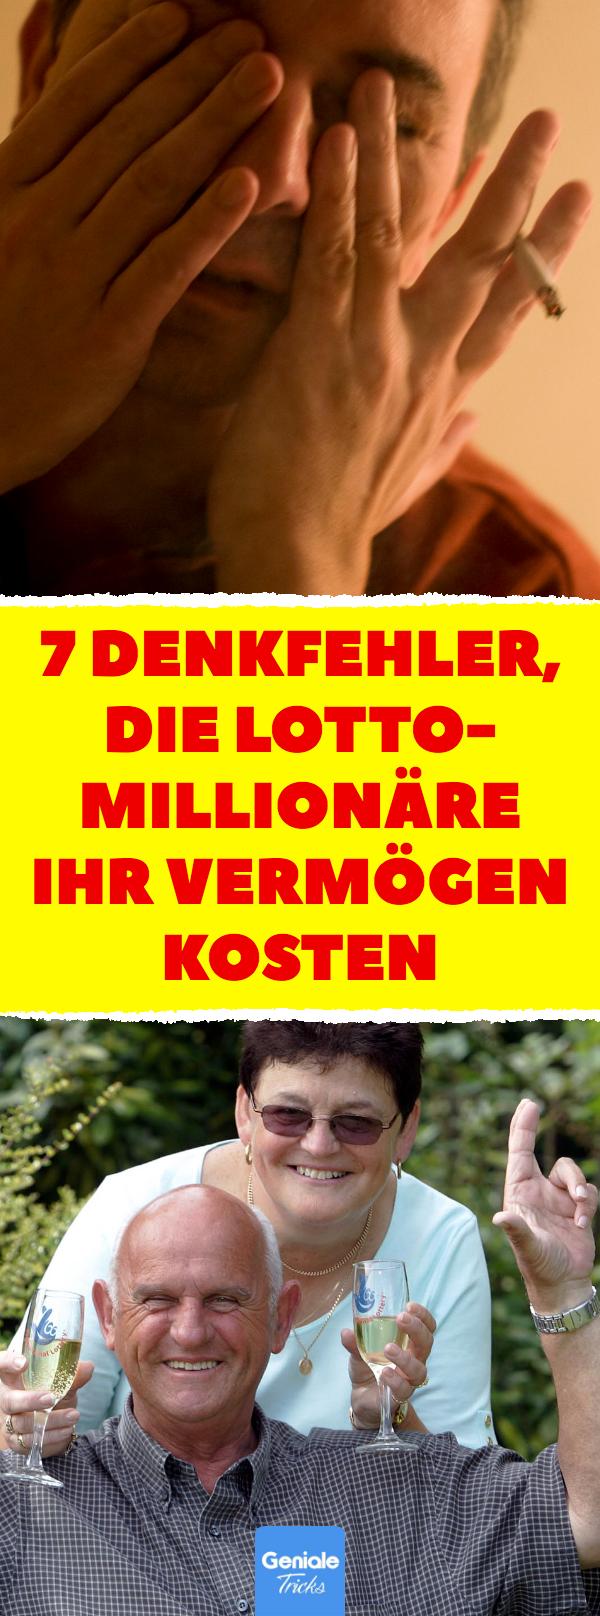 Lottogewinner Pleite